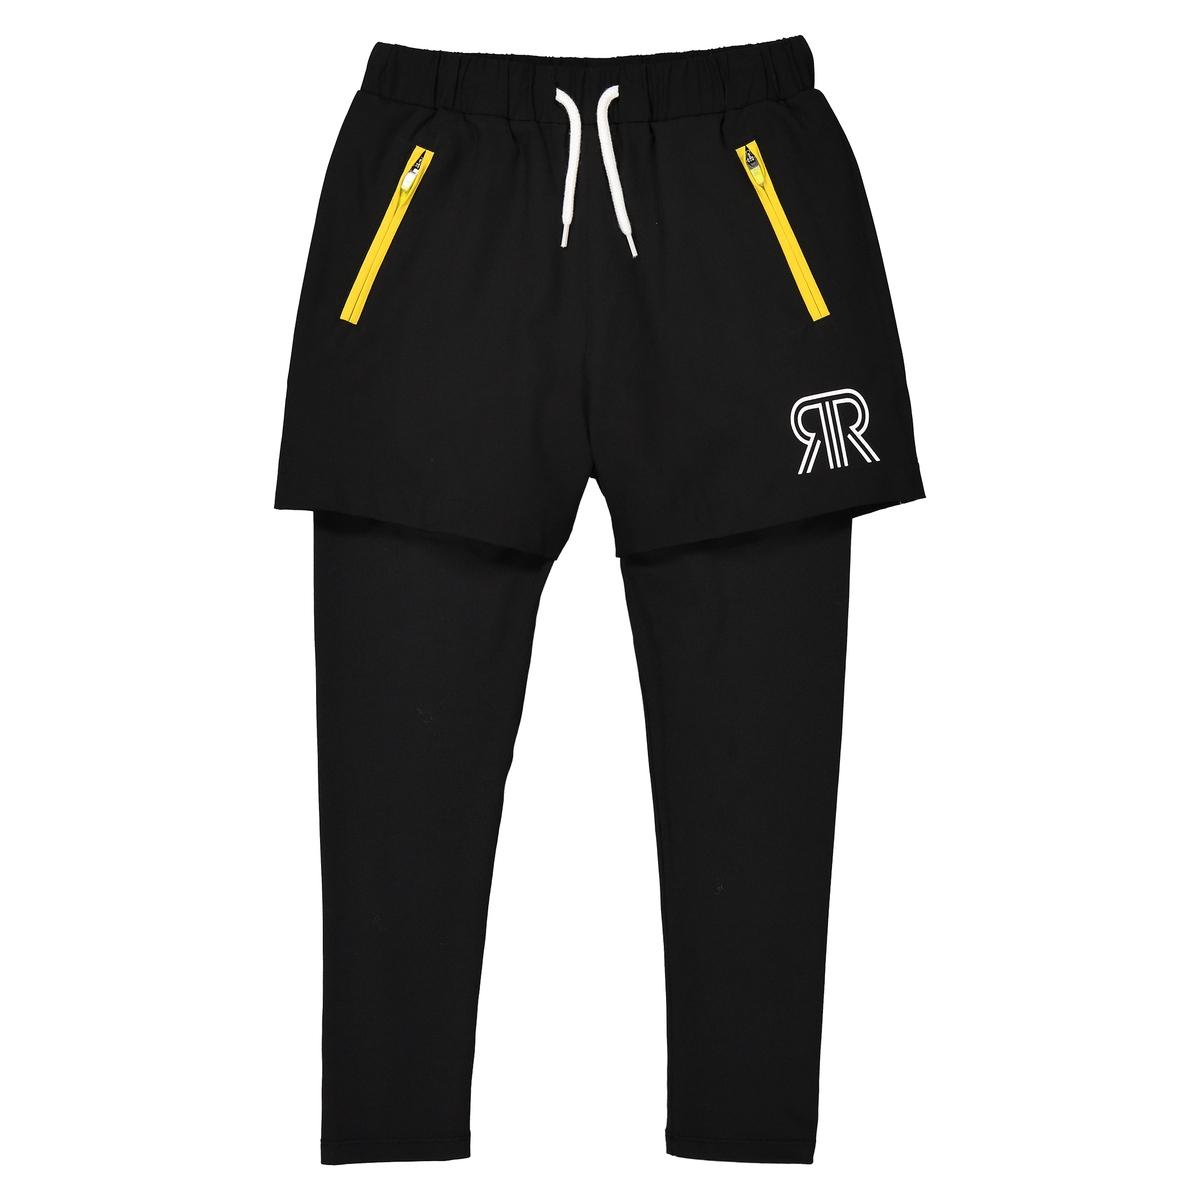 Completo shorts + leggings sportivo 3 - 12 anni